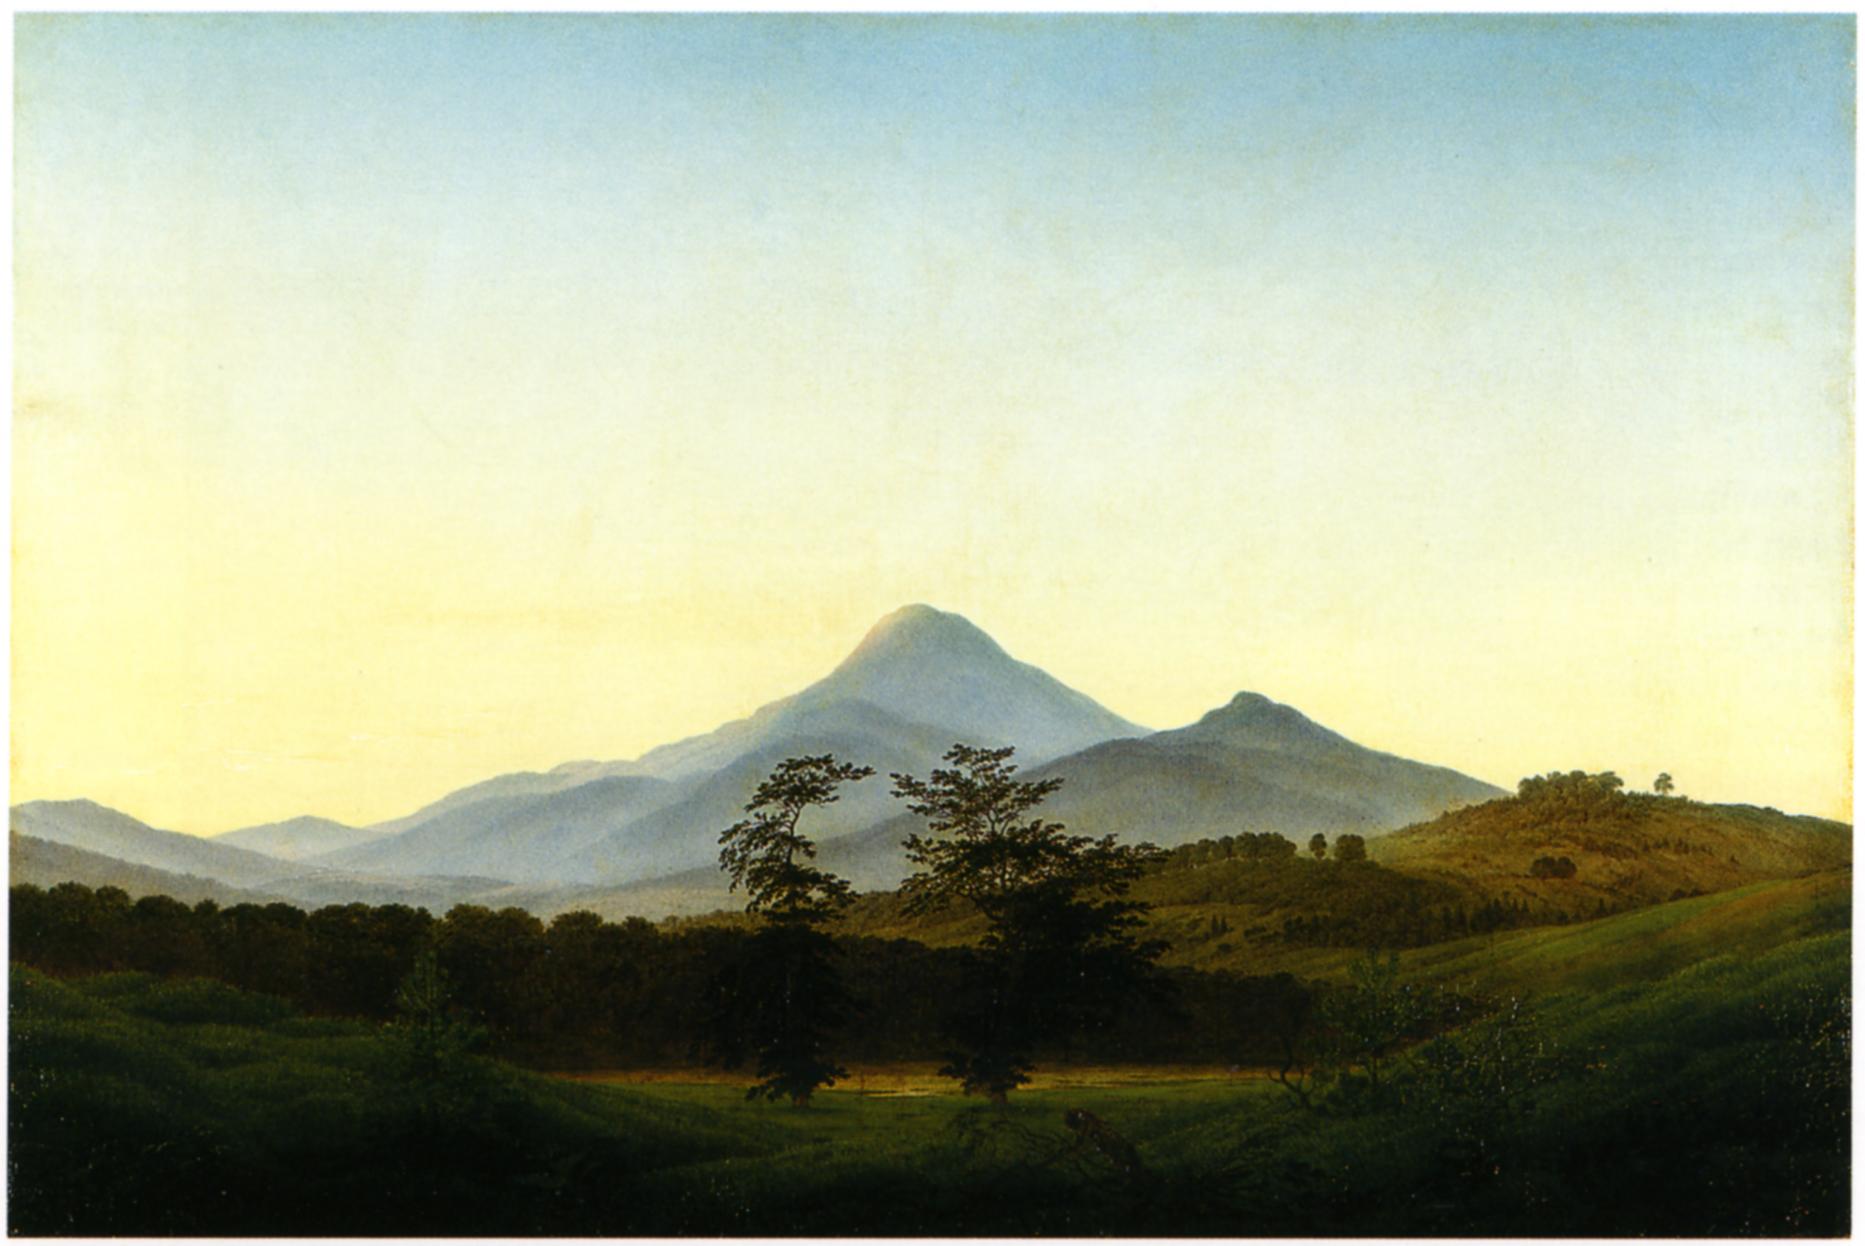 Landschaftsmalerei barock  Caspar David Friedrich - Werke, Bilder und Gemälde)